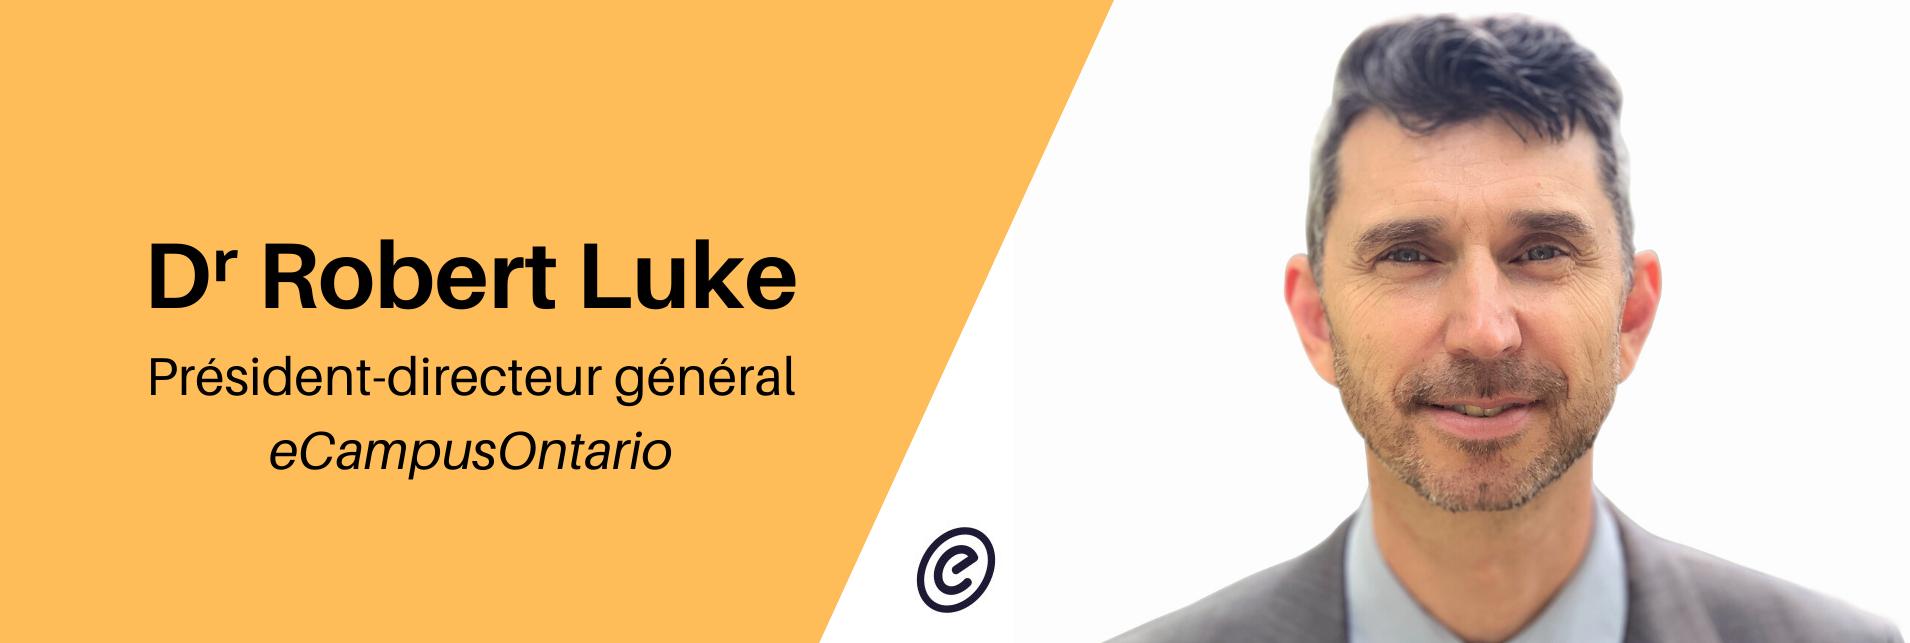 Dr. Robert Luke